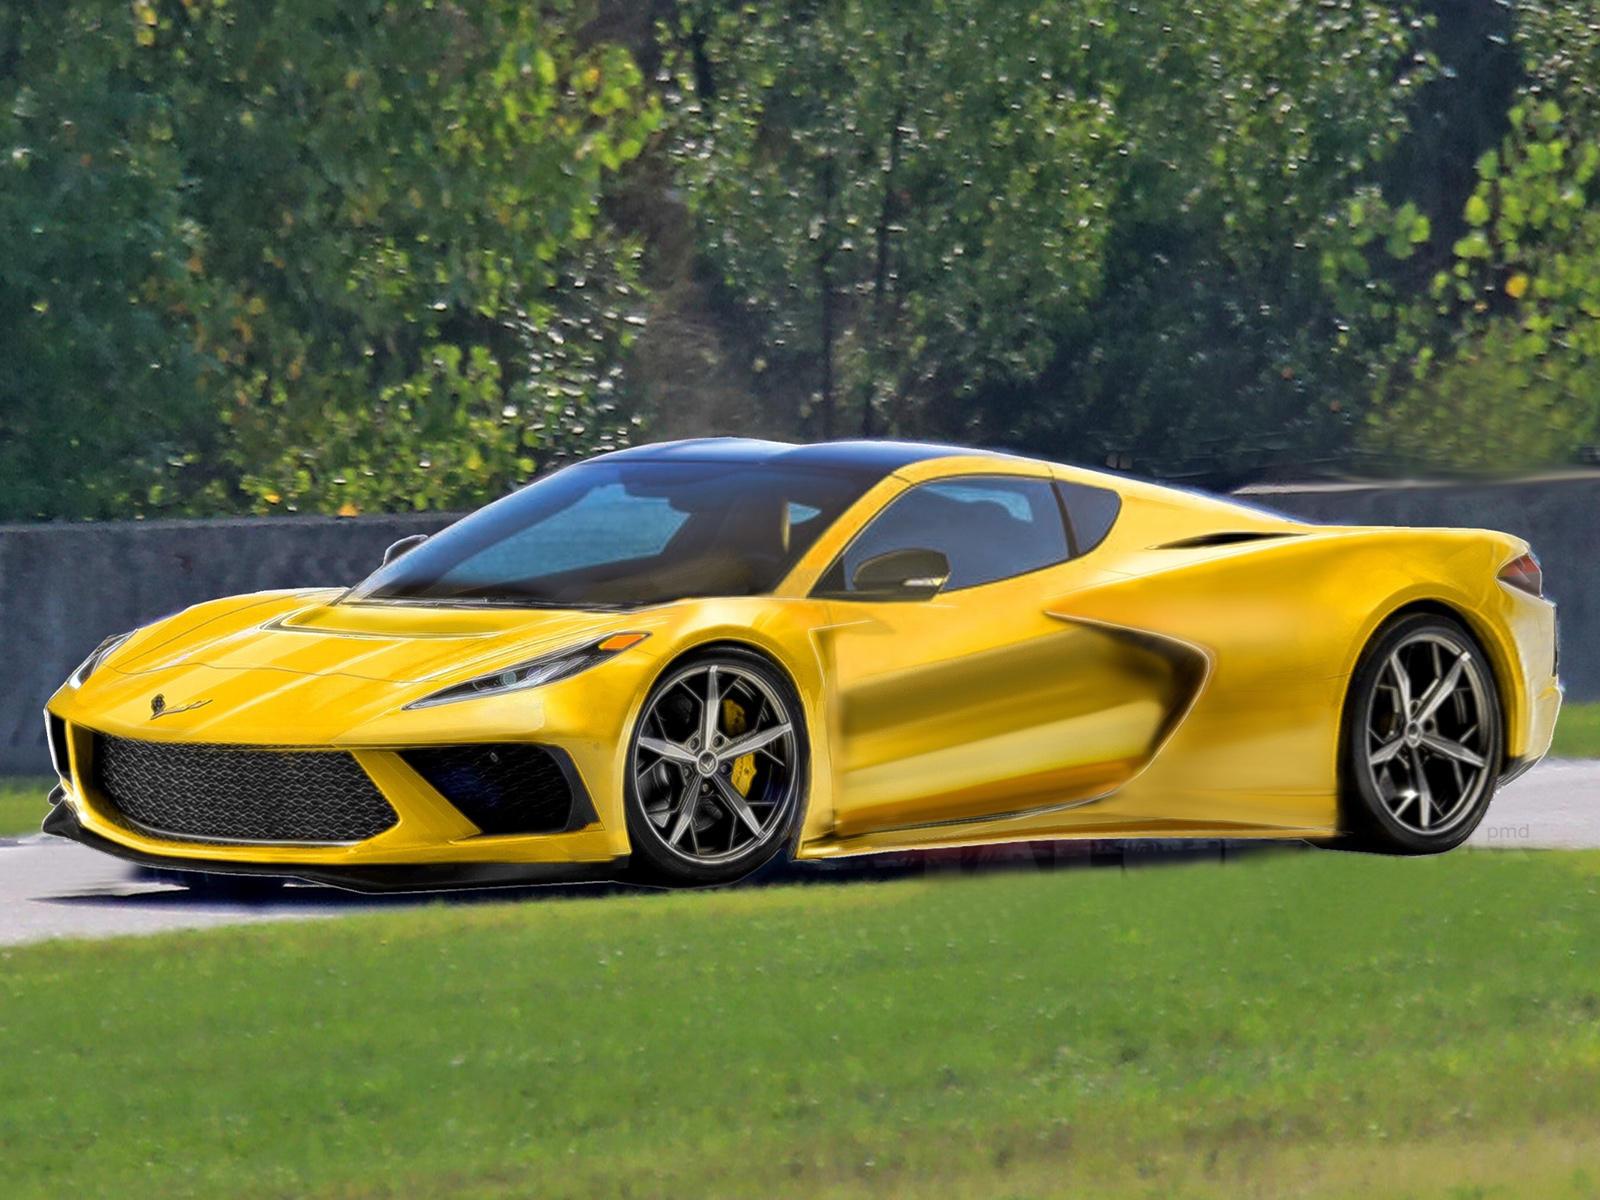 2017 Mid-Engined Chevrolet Corvette Zora Rendered in 360 ...  Zora Corvette